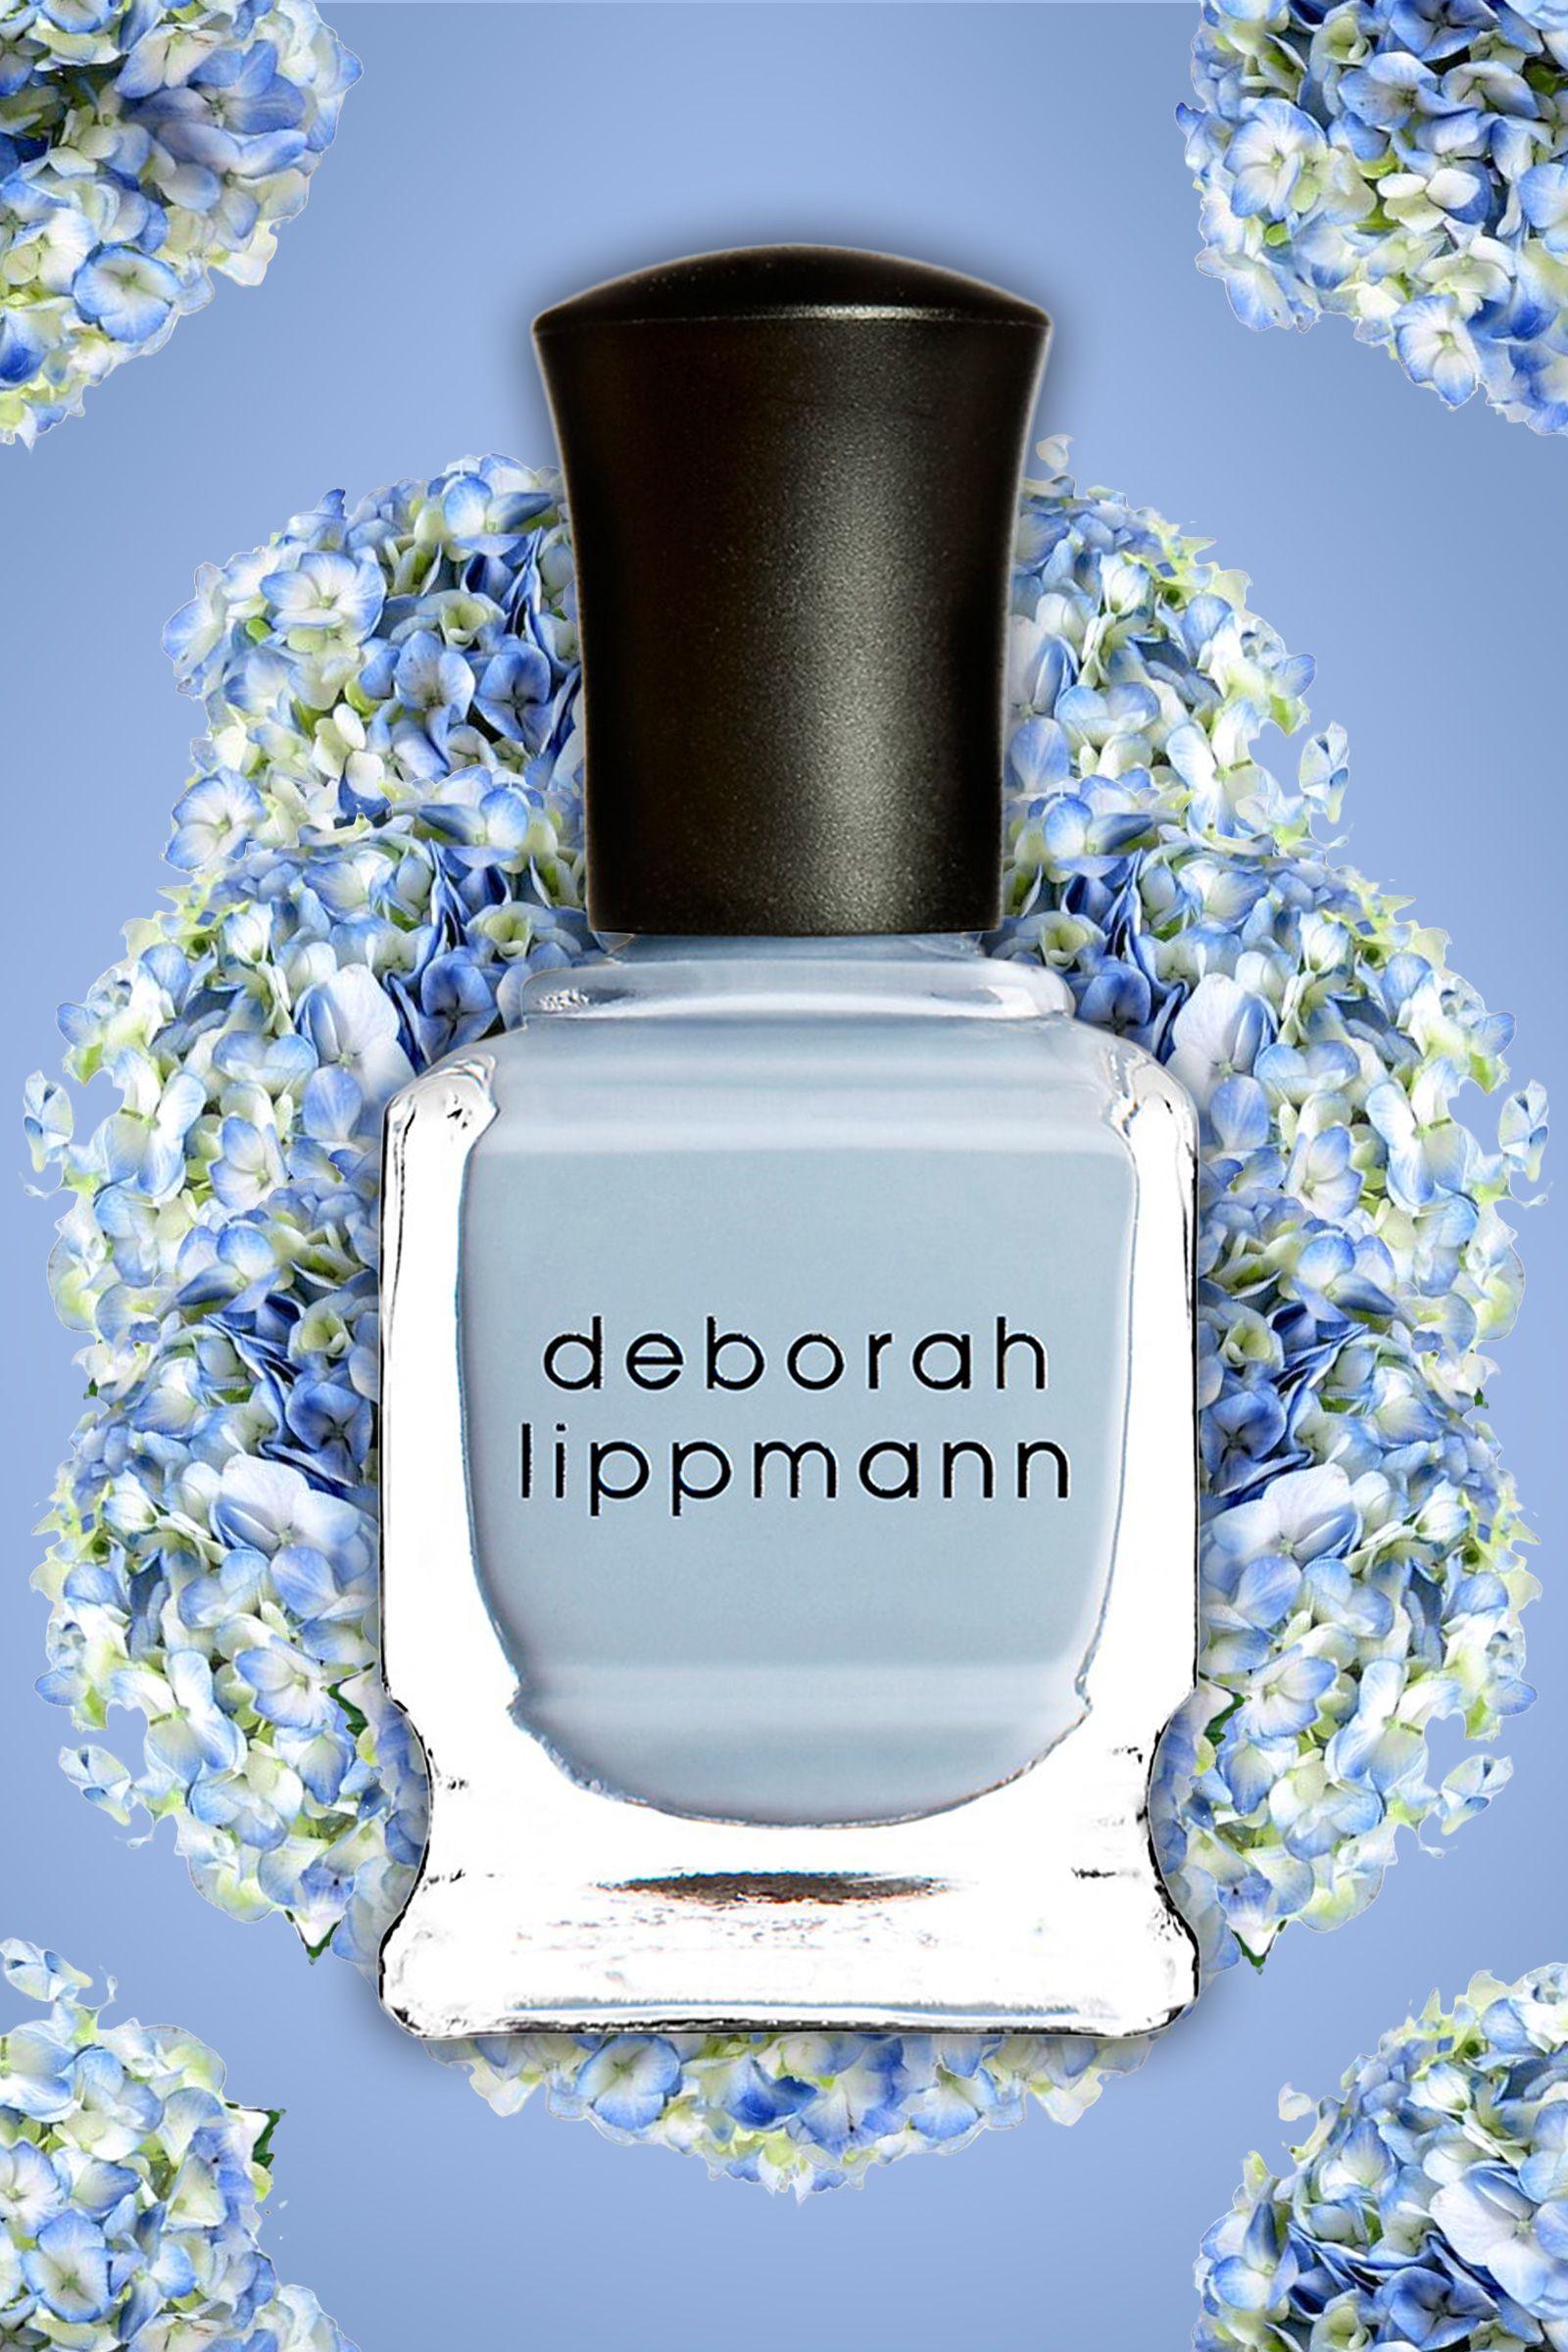 <p> Uno smalto cremoso blu (o anche del colore pastello che preferite) è versatile e perfetto per la primavera. Gli smalti pastello opalescenti sono il nuovo neutro dal momento che possono abbinarsi in mille modi. </p>